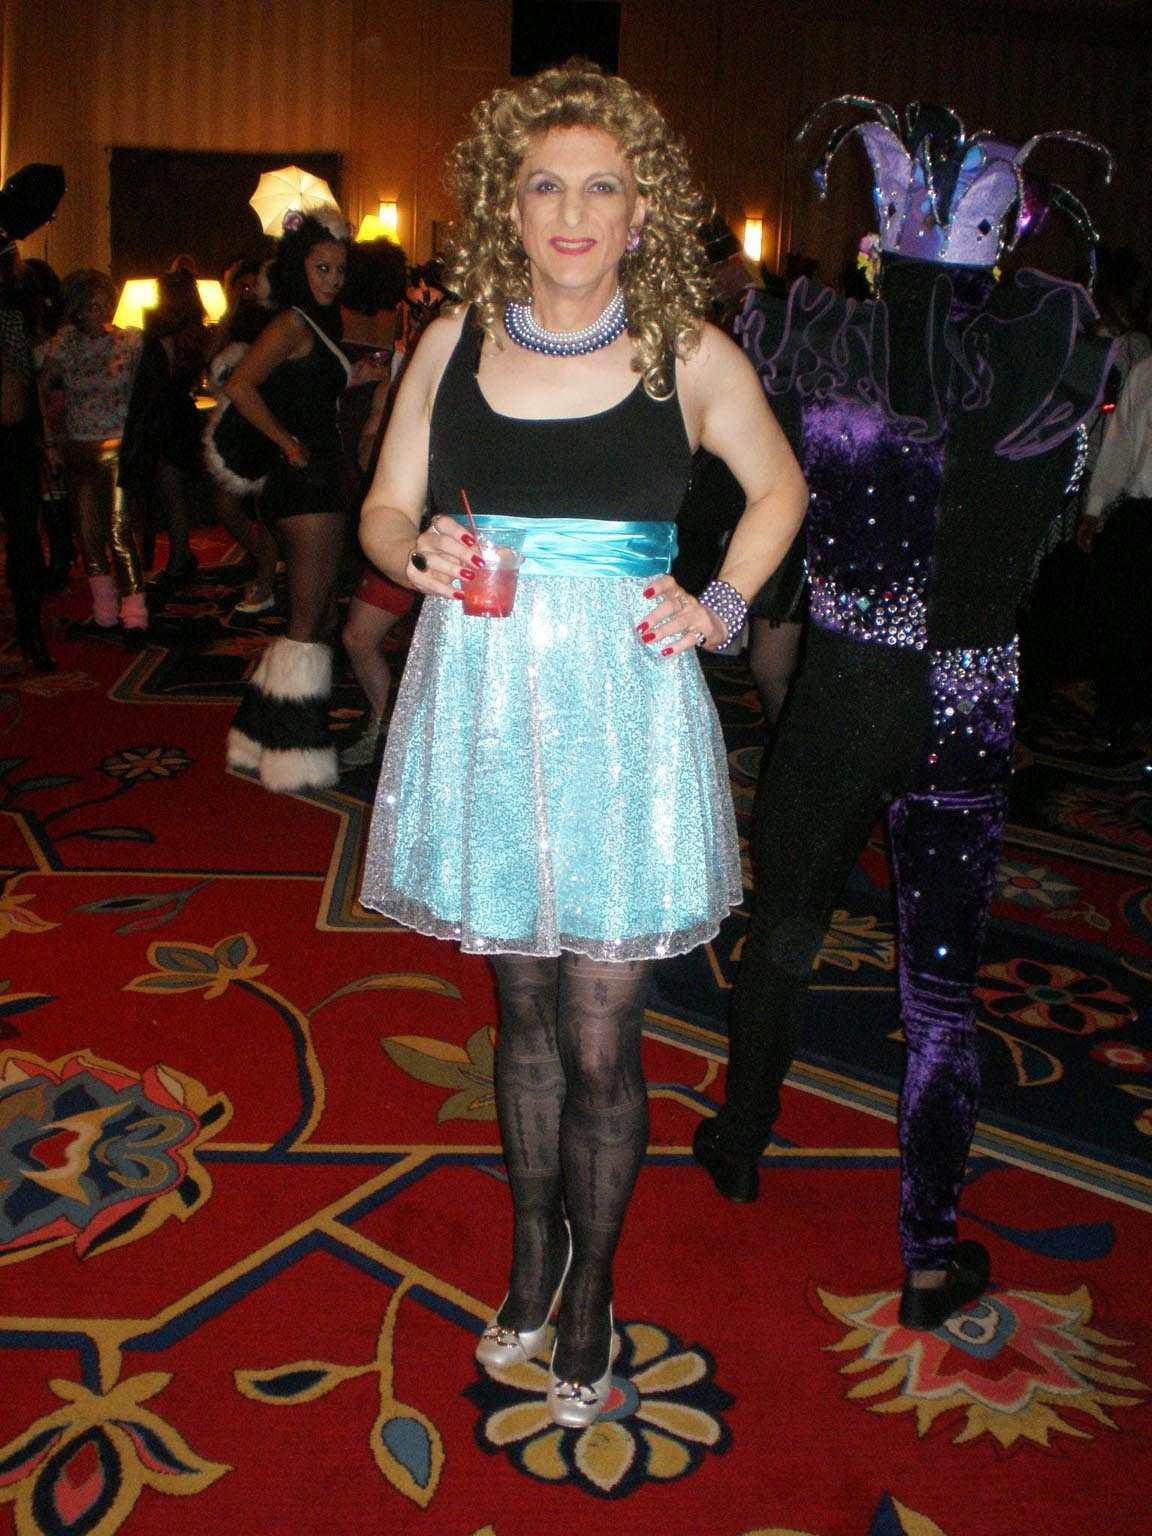 henri david halloween ball 2011 - transgender forum : transgender forum